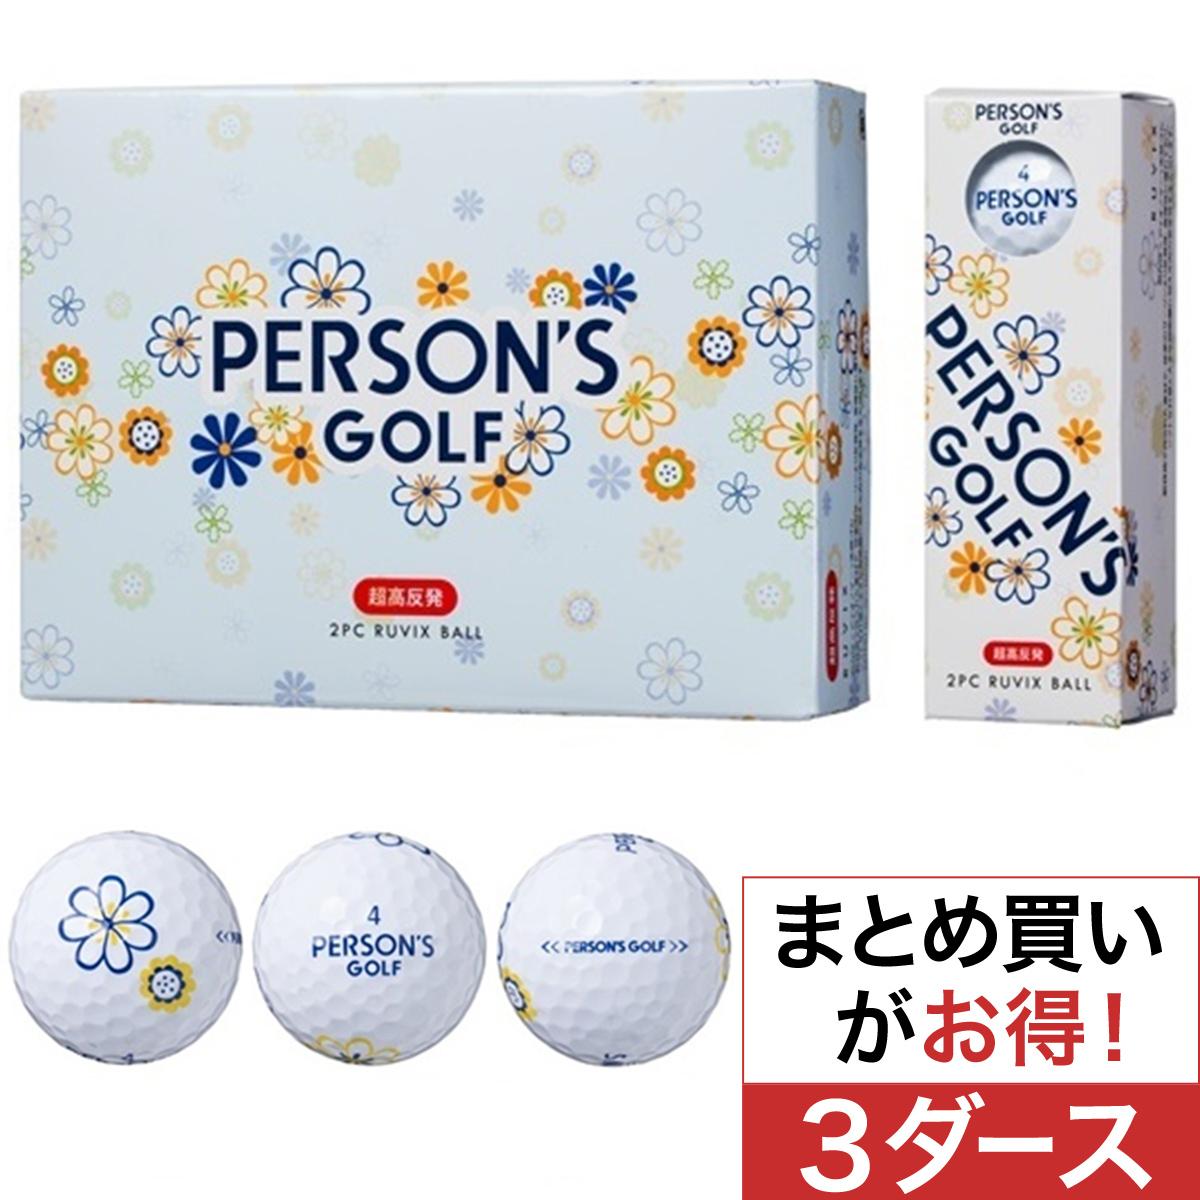 パーソンズゴルフボール 3ダースセット【非公認球】レディス